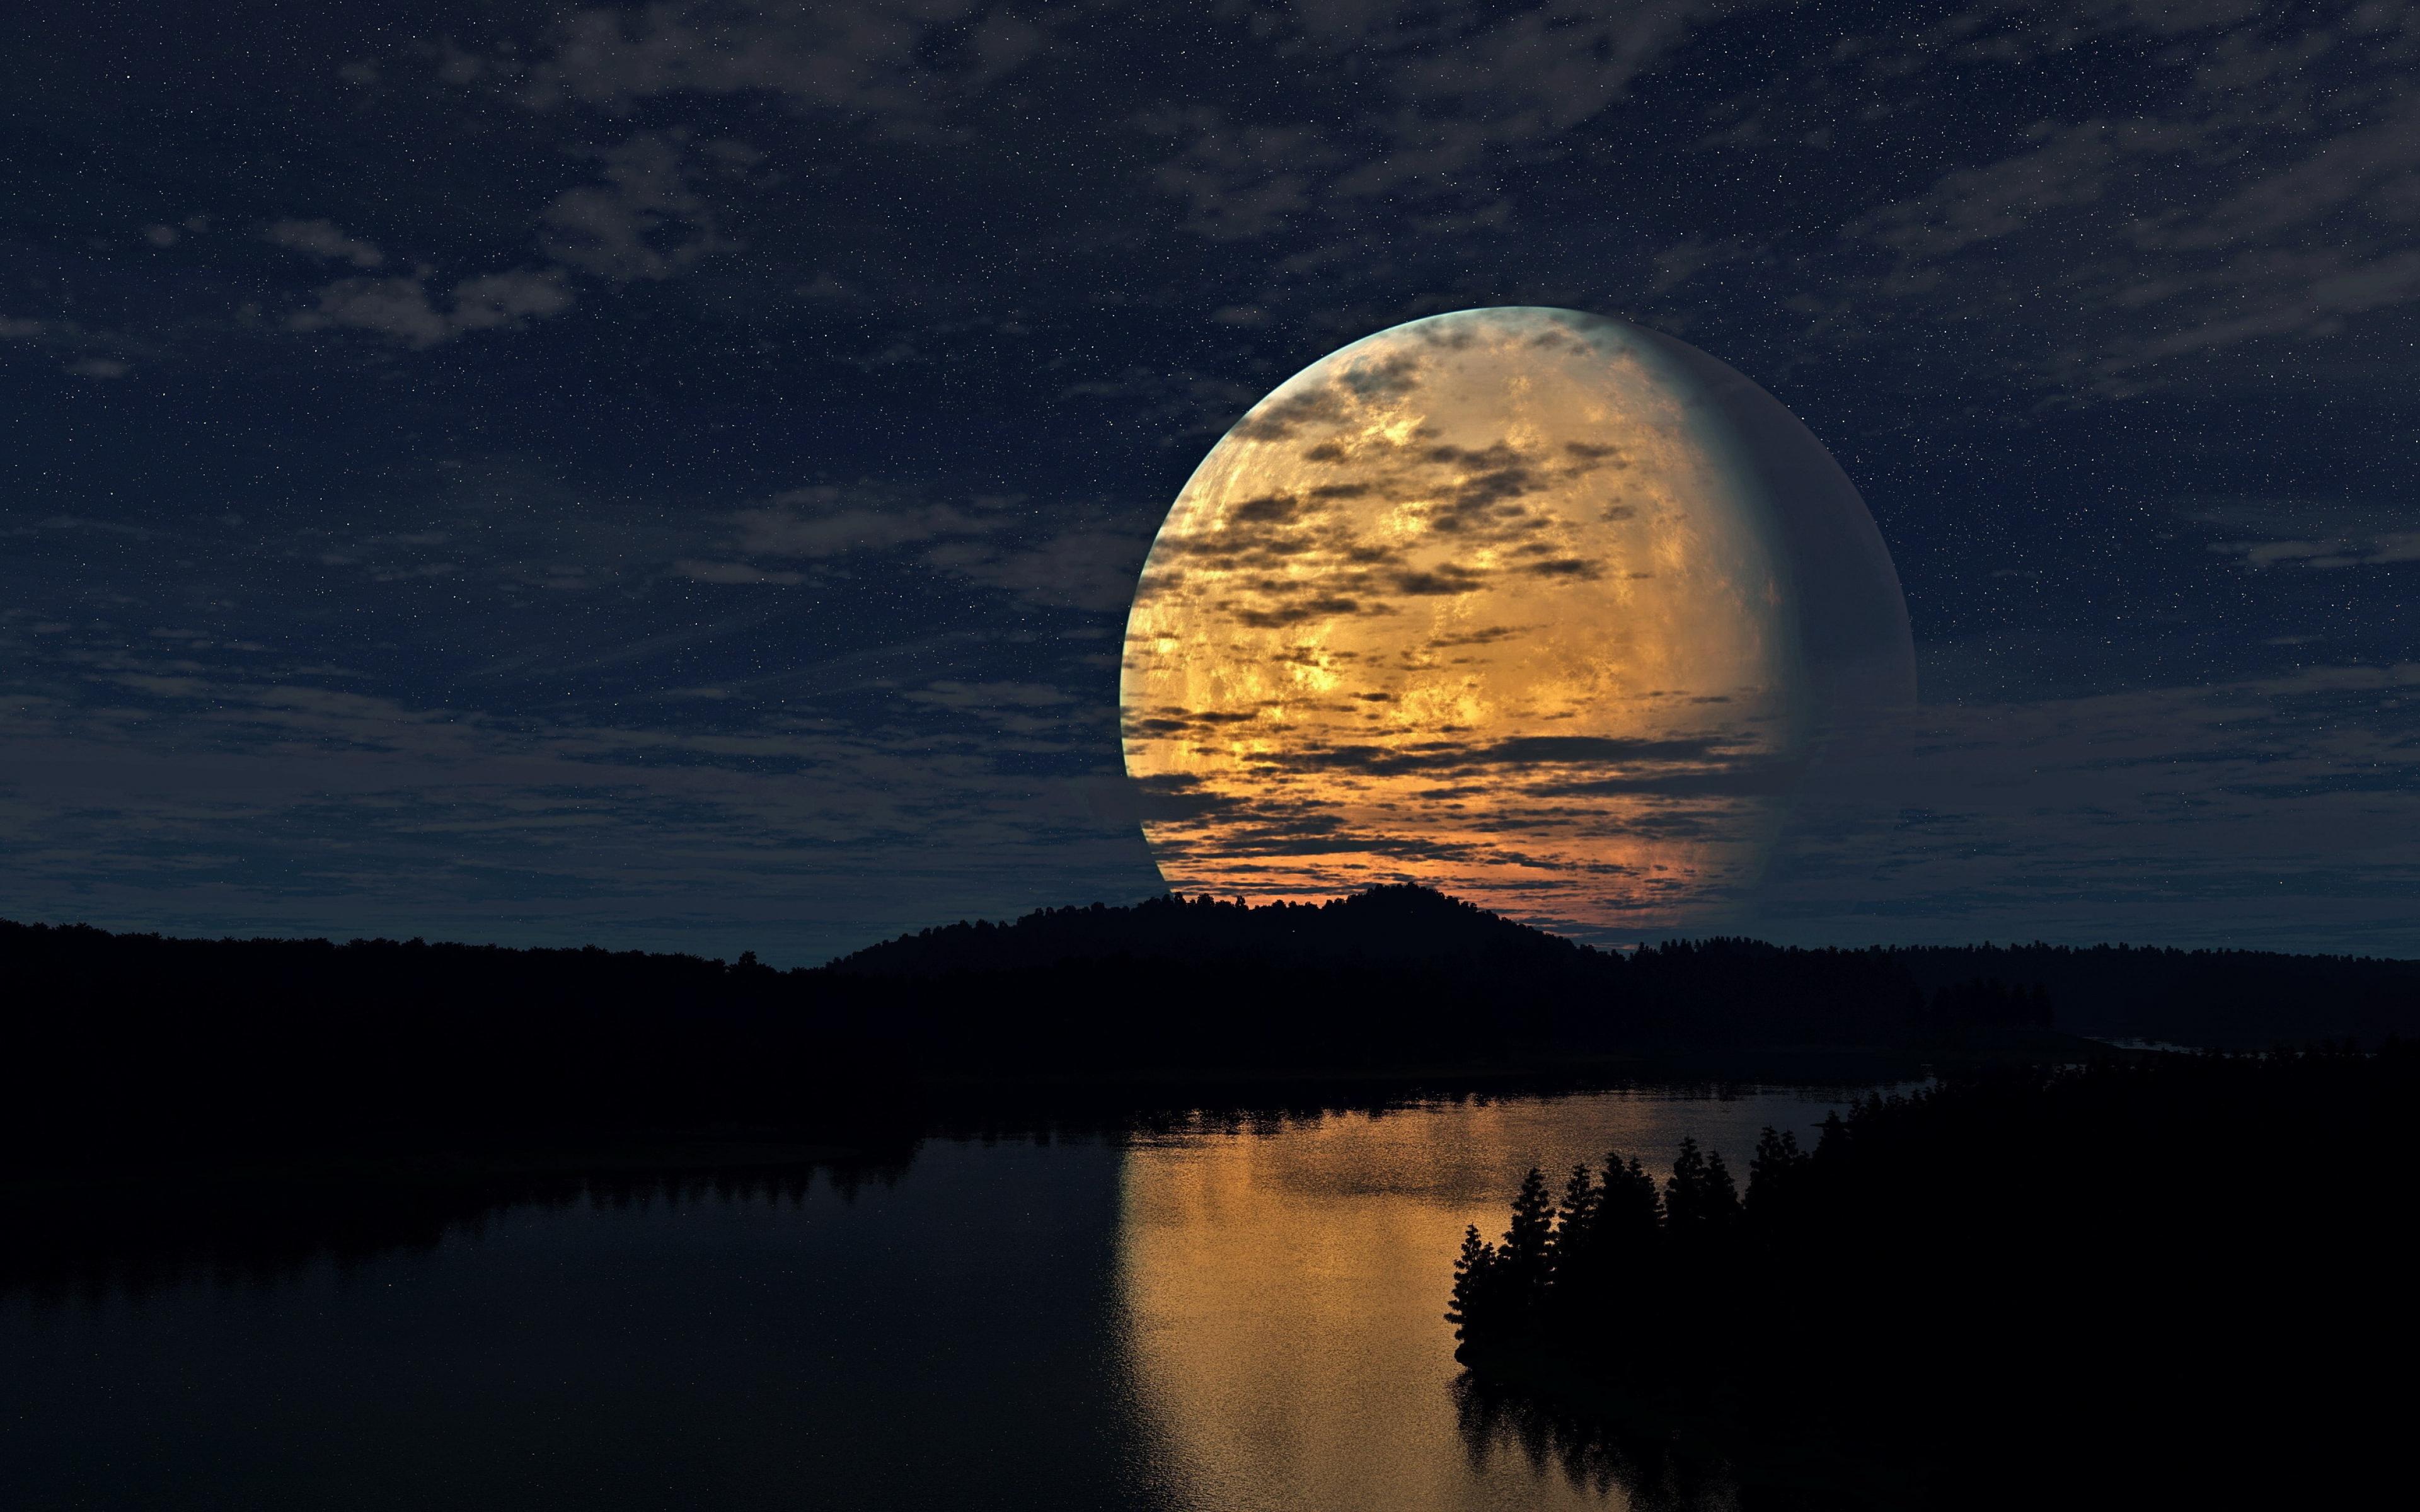 лучшие фото недели рамблер пейзаж луна изображения, переносятся